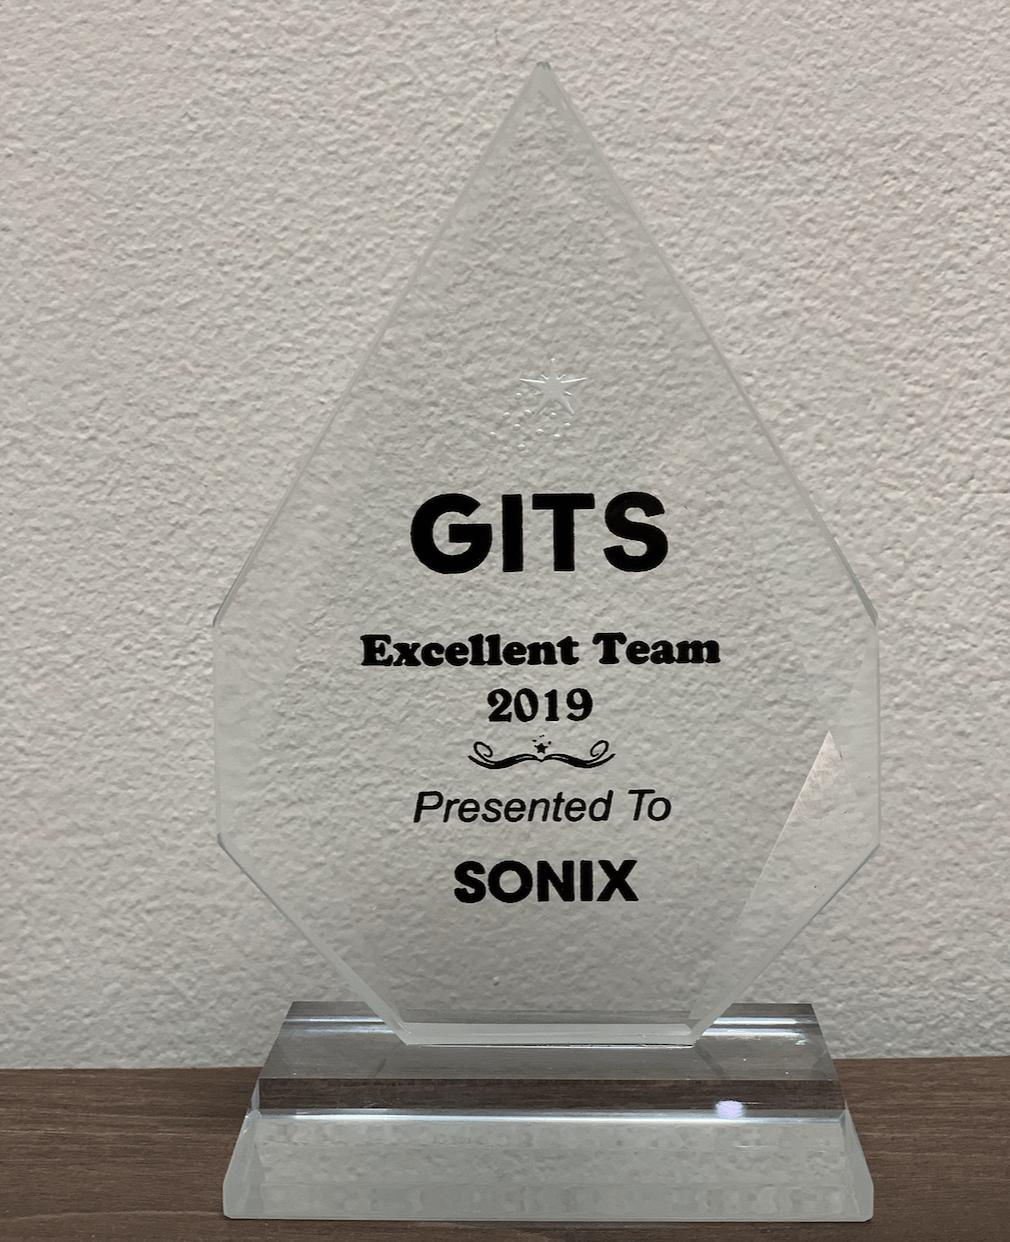 GITS AWARD 2019